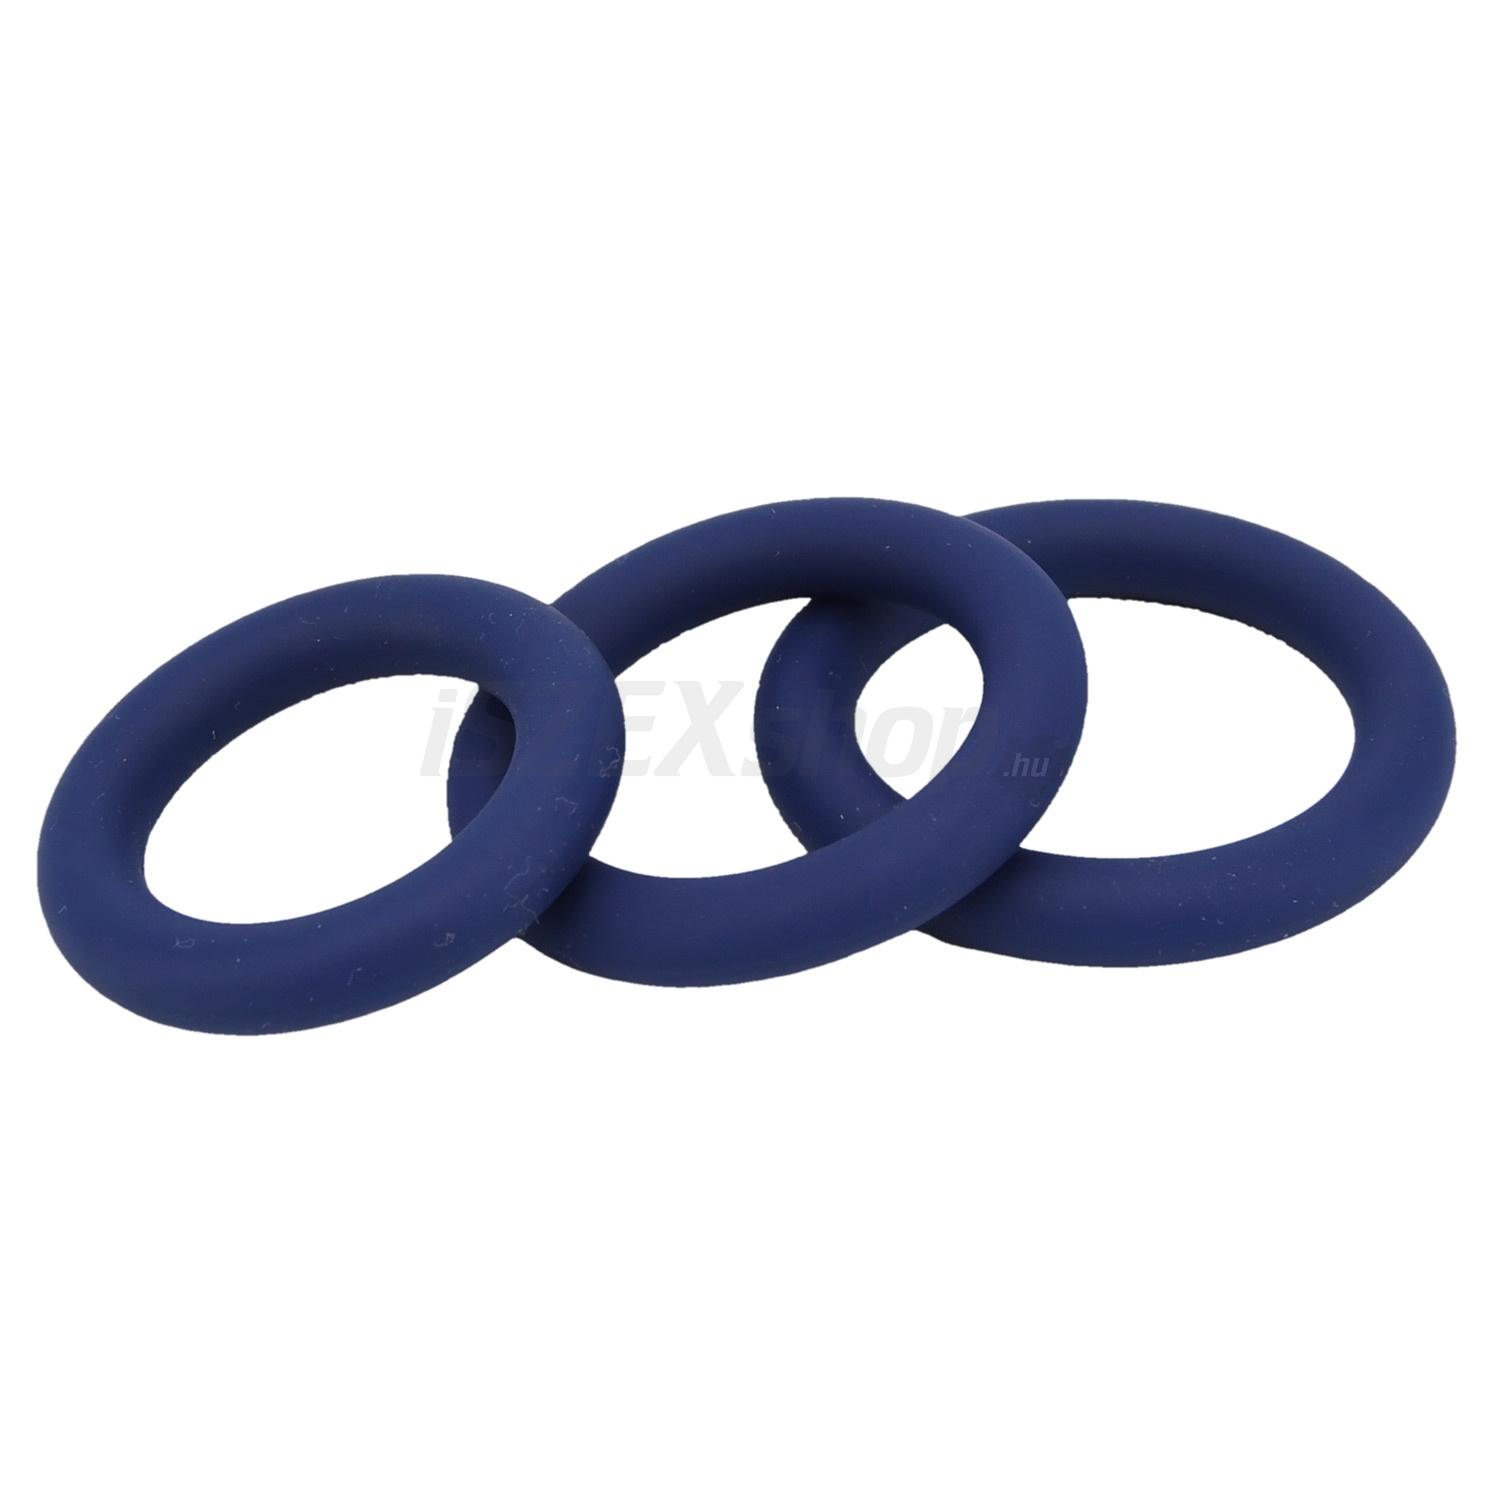 három péniszgyűrű)